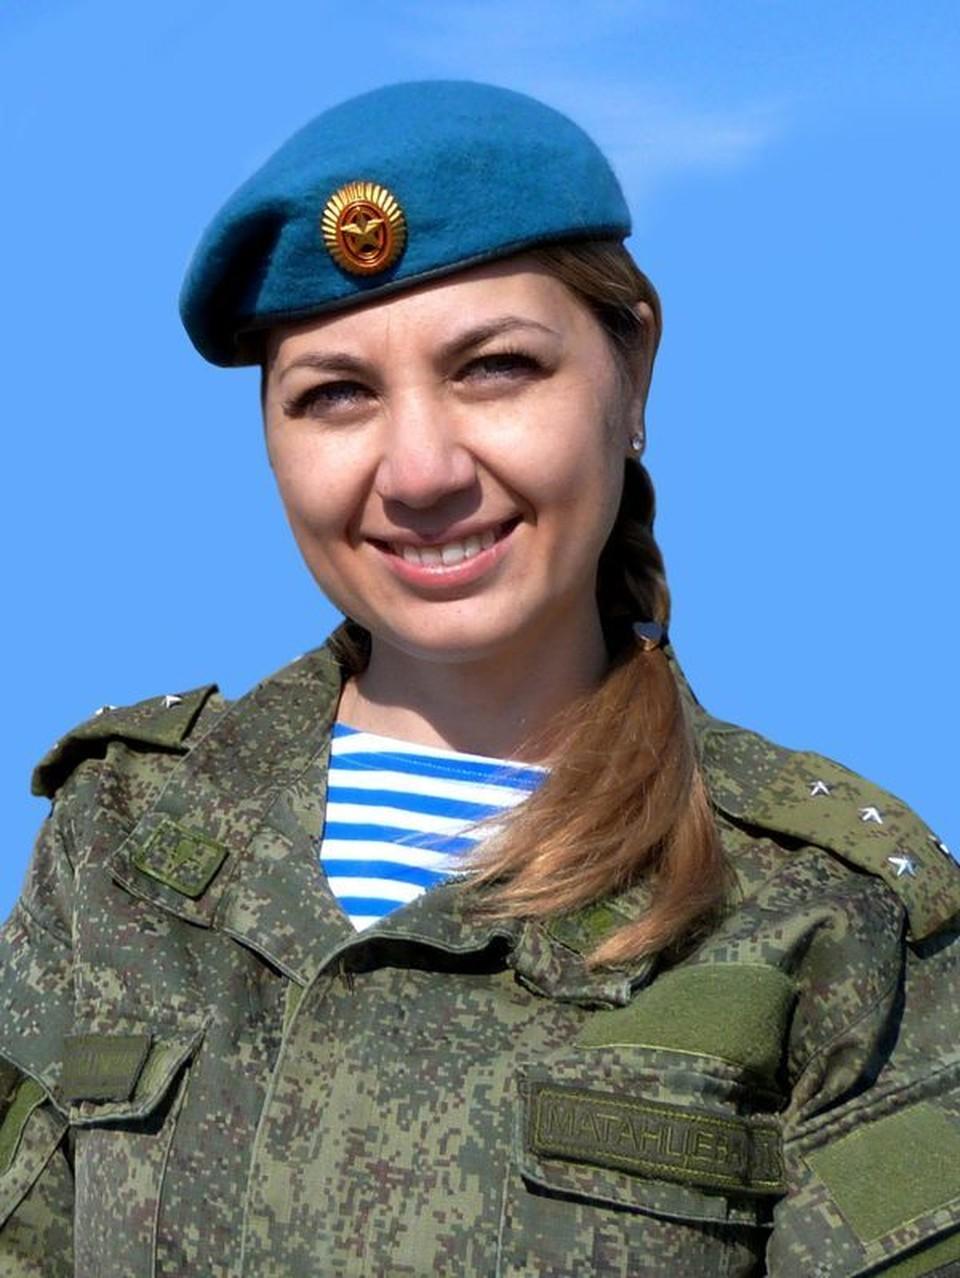 Фото: Алла Сосницкая. В семье Юлии растет будущий десантник Лёша.